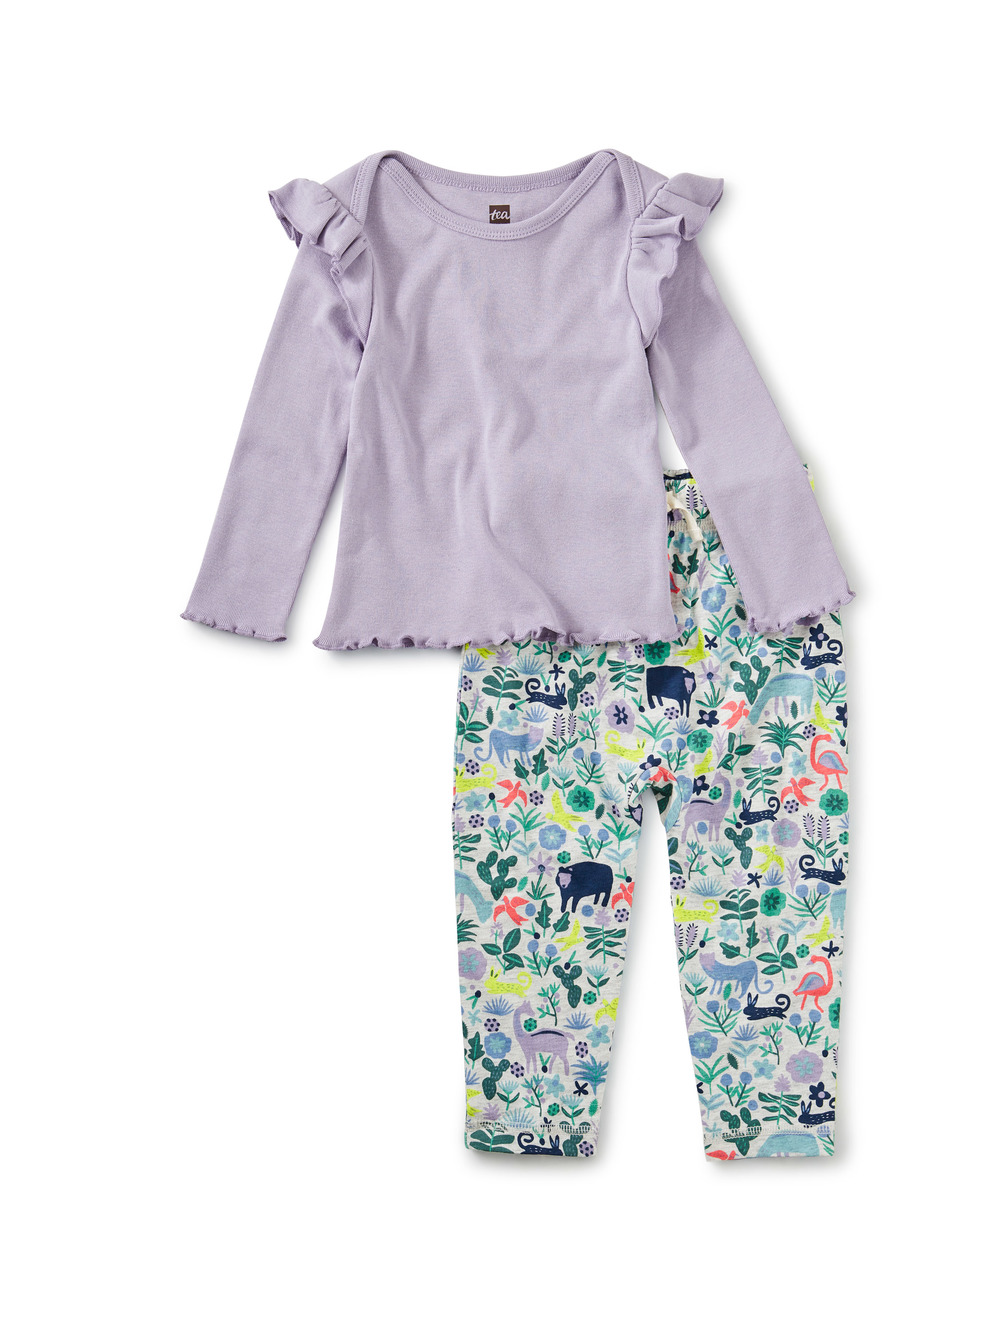 Ruffle Sleeve Baby Set